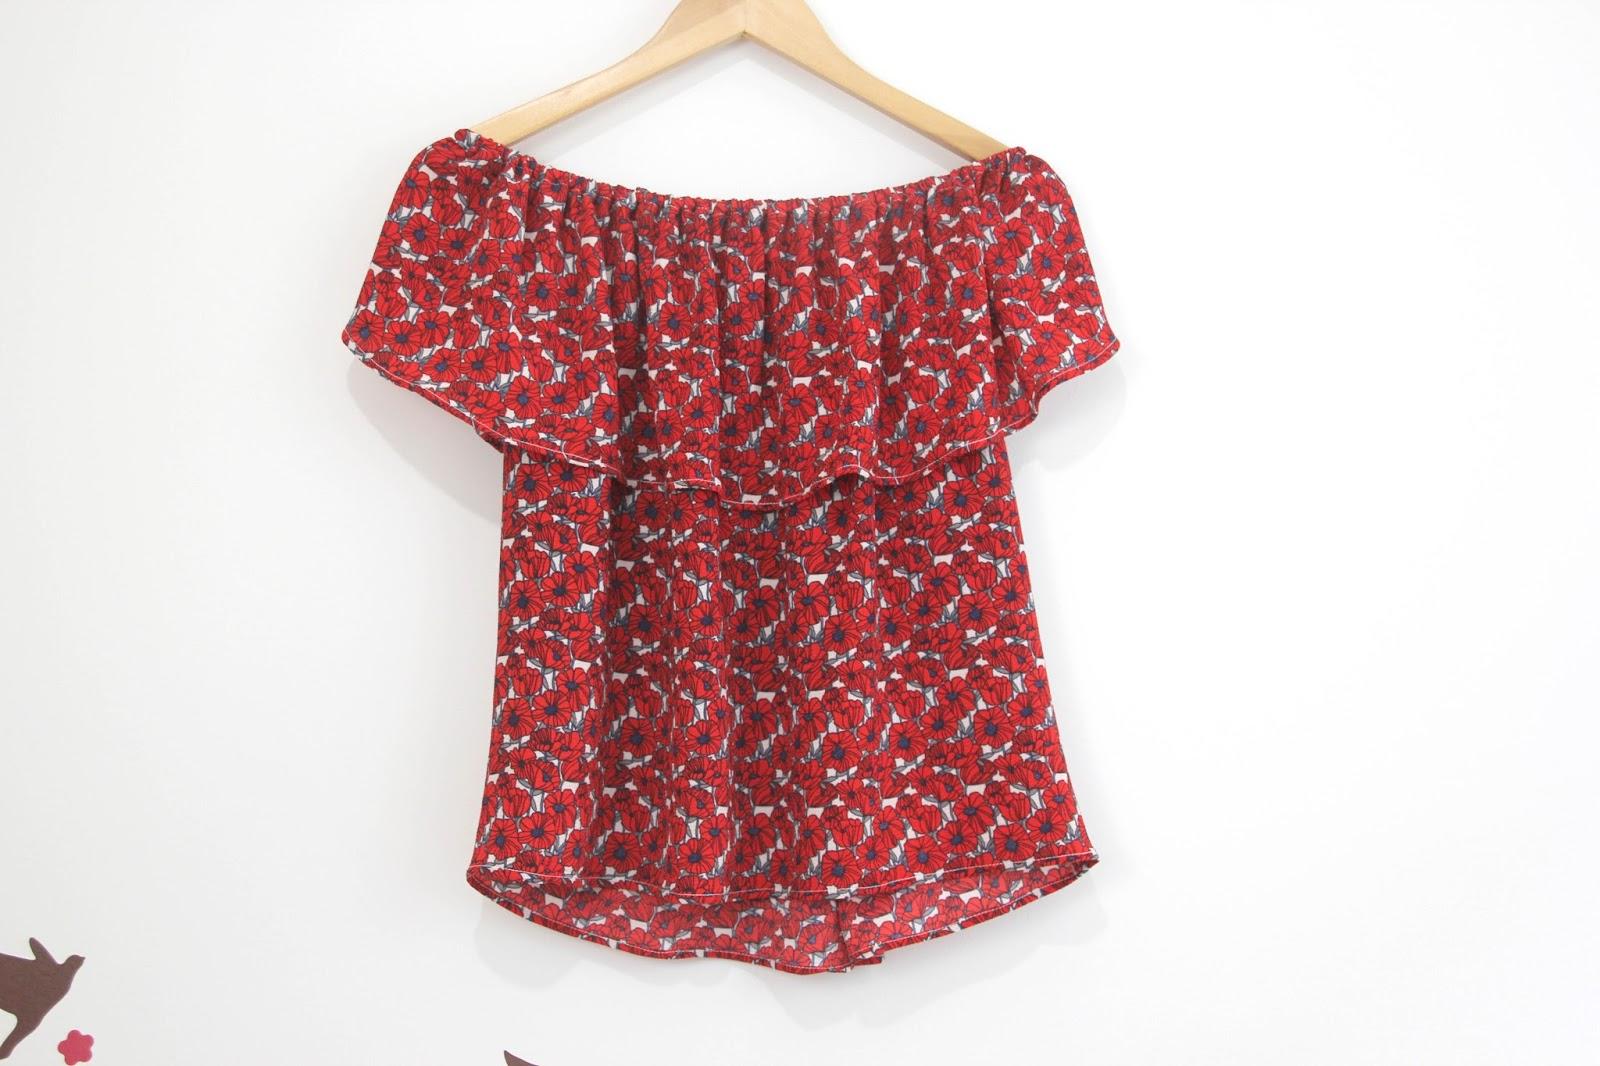 Patrón básico para blusas de mujer, listo para hacer una hermosa blusa fácil y rápidamente. Instrucciones: Estos moldes están dibujados en una cuadricula en la cual cada cuadrito es de 1 cm x 1 cm, puede optar por comprar papel cuadriculado para arquitectura o /5().